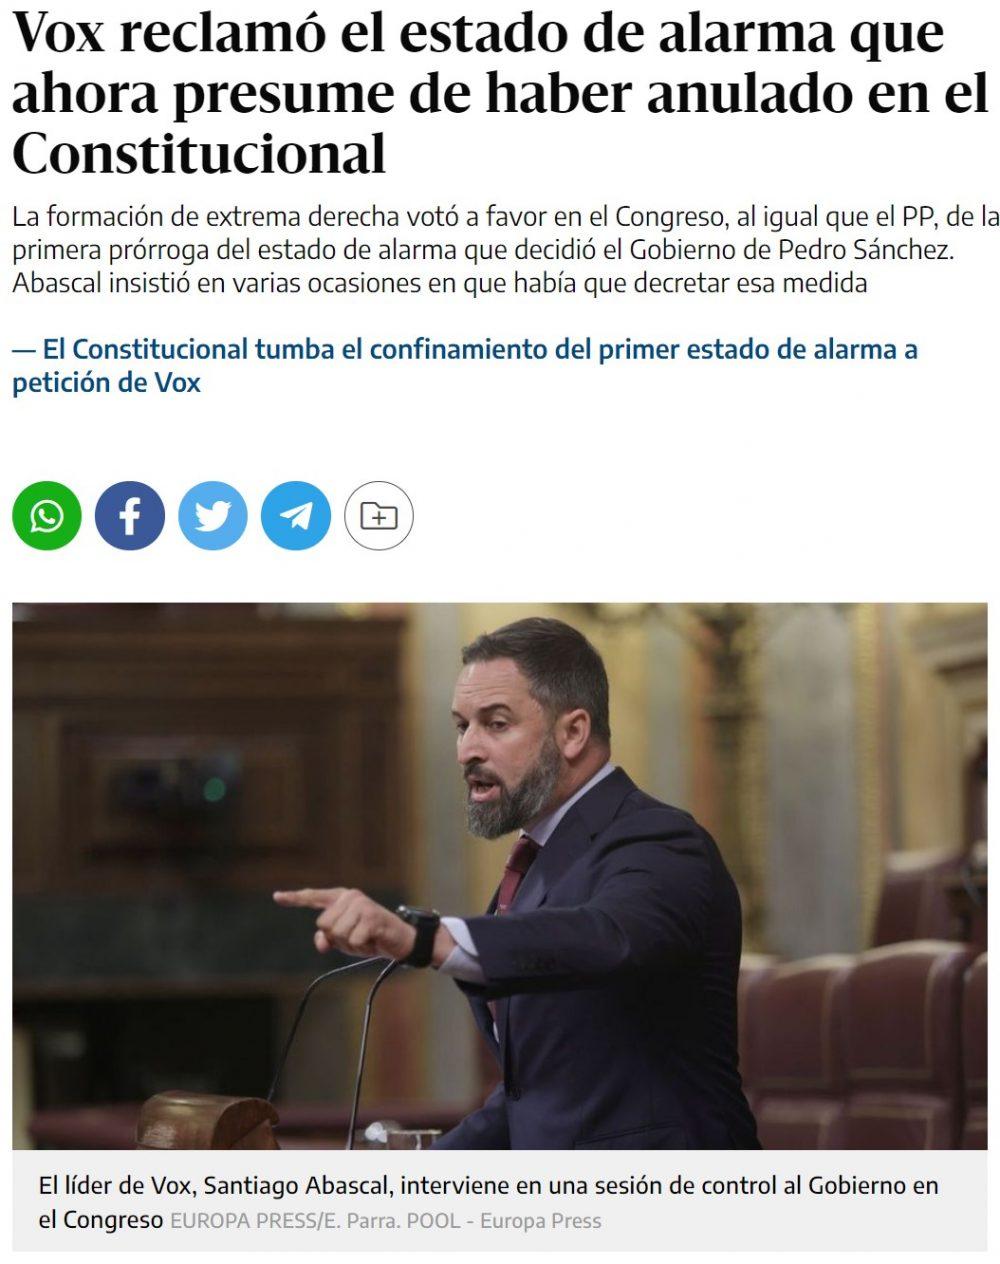 """""""Fui el primer líder político que le exigí el estado de alarma el martes 10 de marzo"""": Santiago Abascal, 25 de marzo de 2020 en el pleno en el que votaría sí a la prórroga del estado de alarma."""